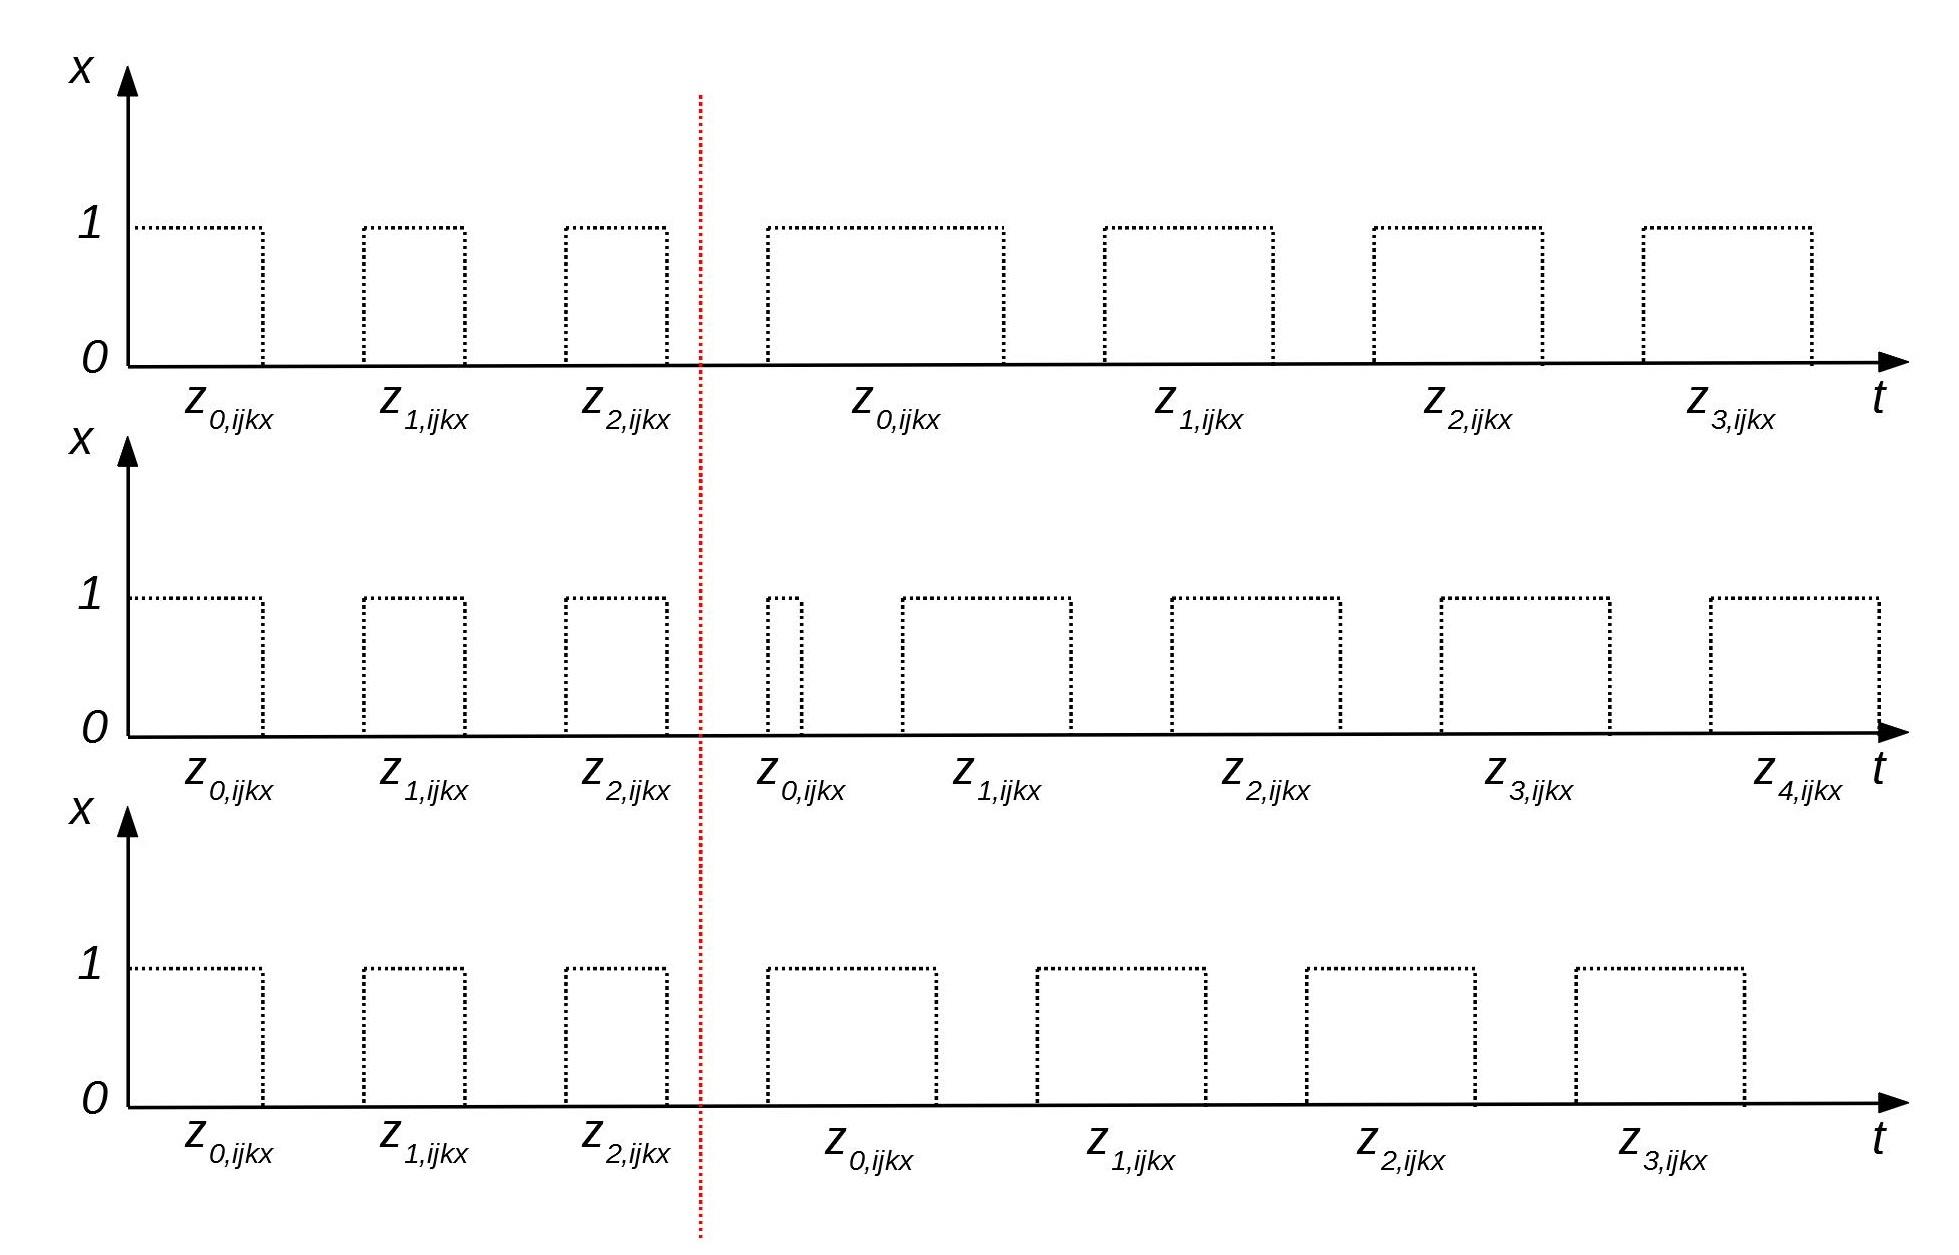 Логистика. Часть 1. Оптимизация авиасообщения по направлениям и формирование расписания - 50